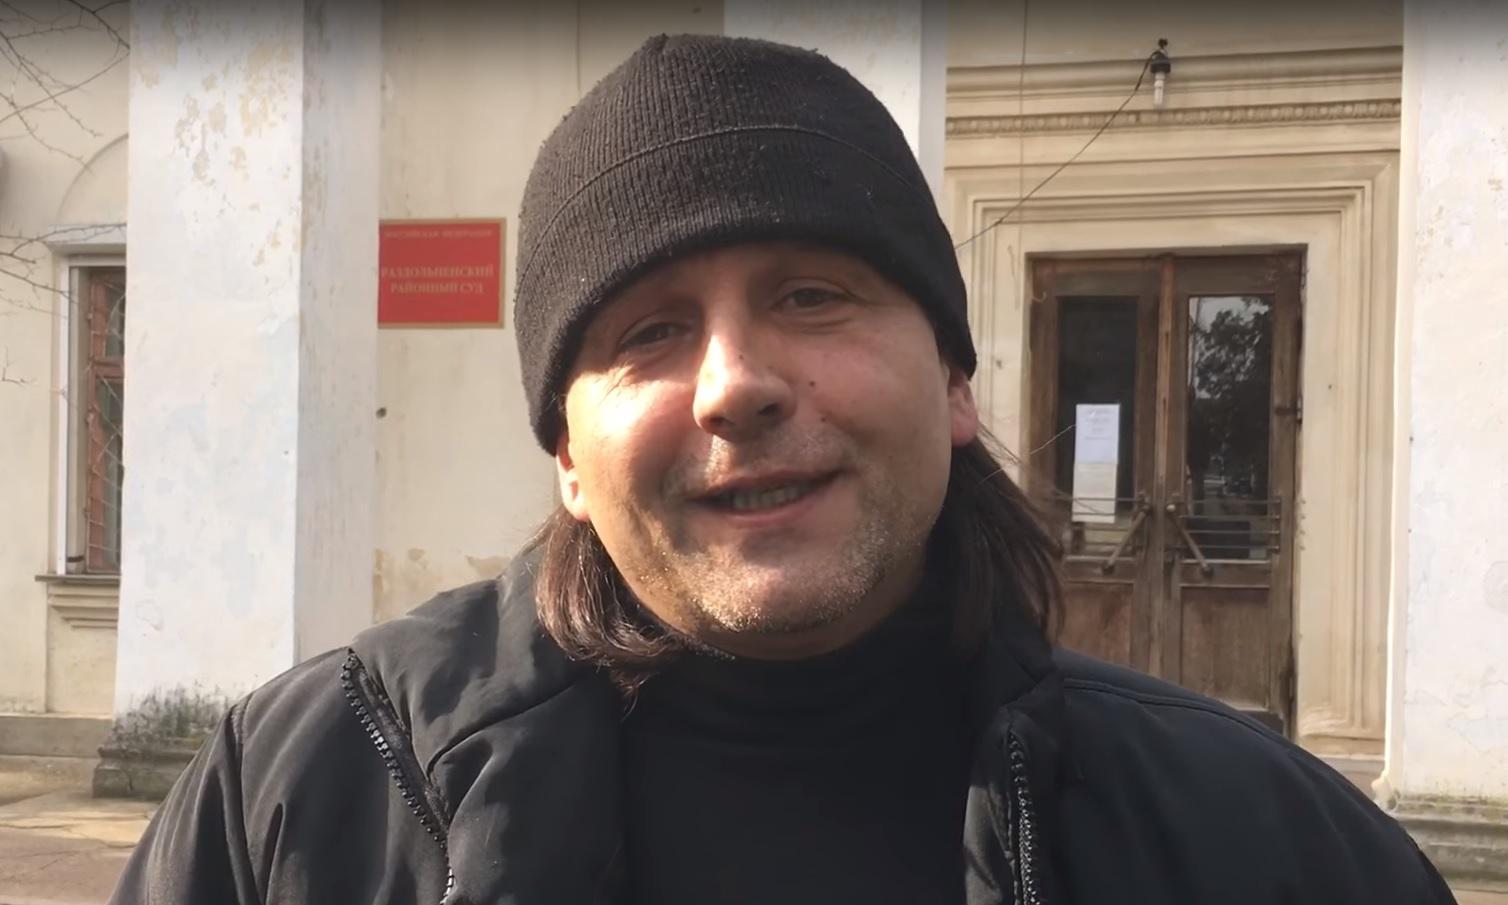 Украинский активист Владимир Балух подвергается в СИЗО давлению и требует встречи с украинским обмудсменом